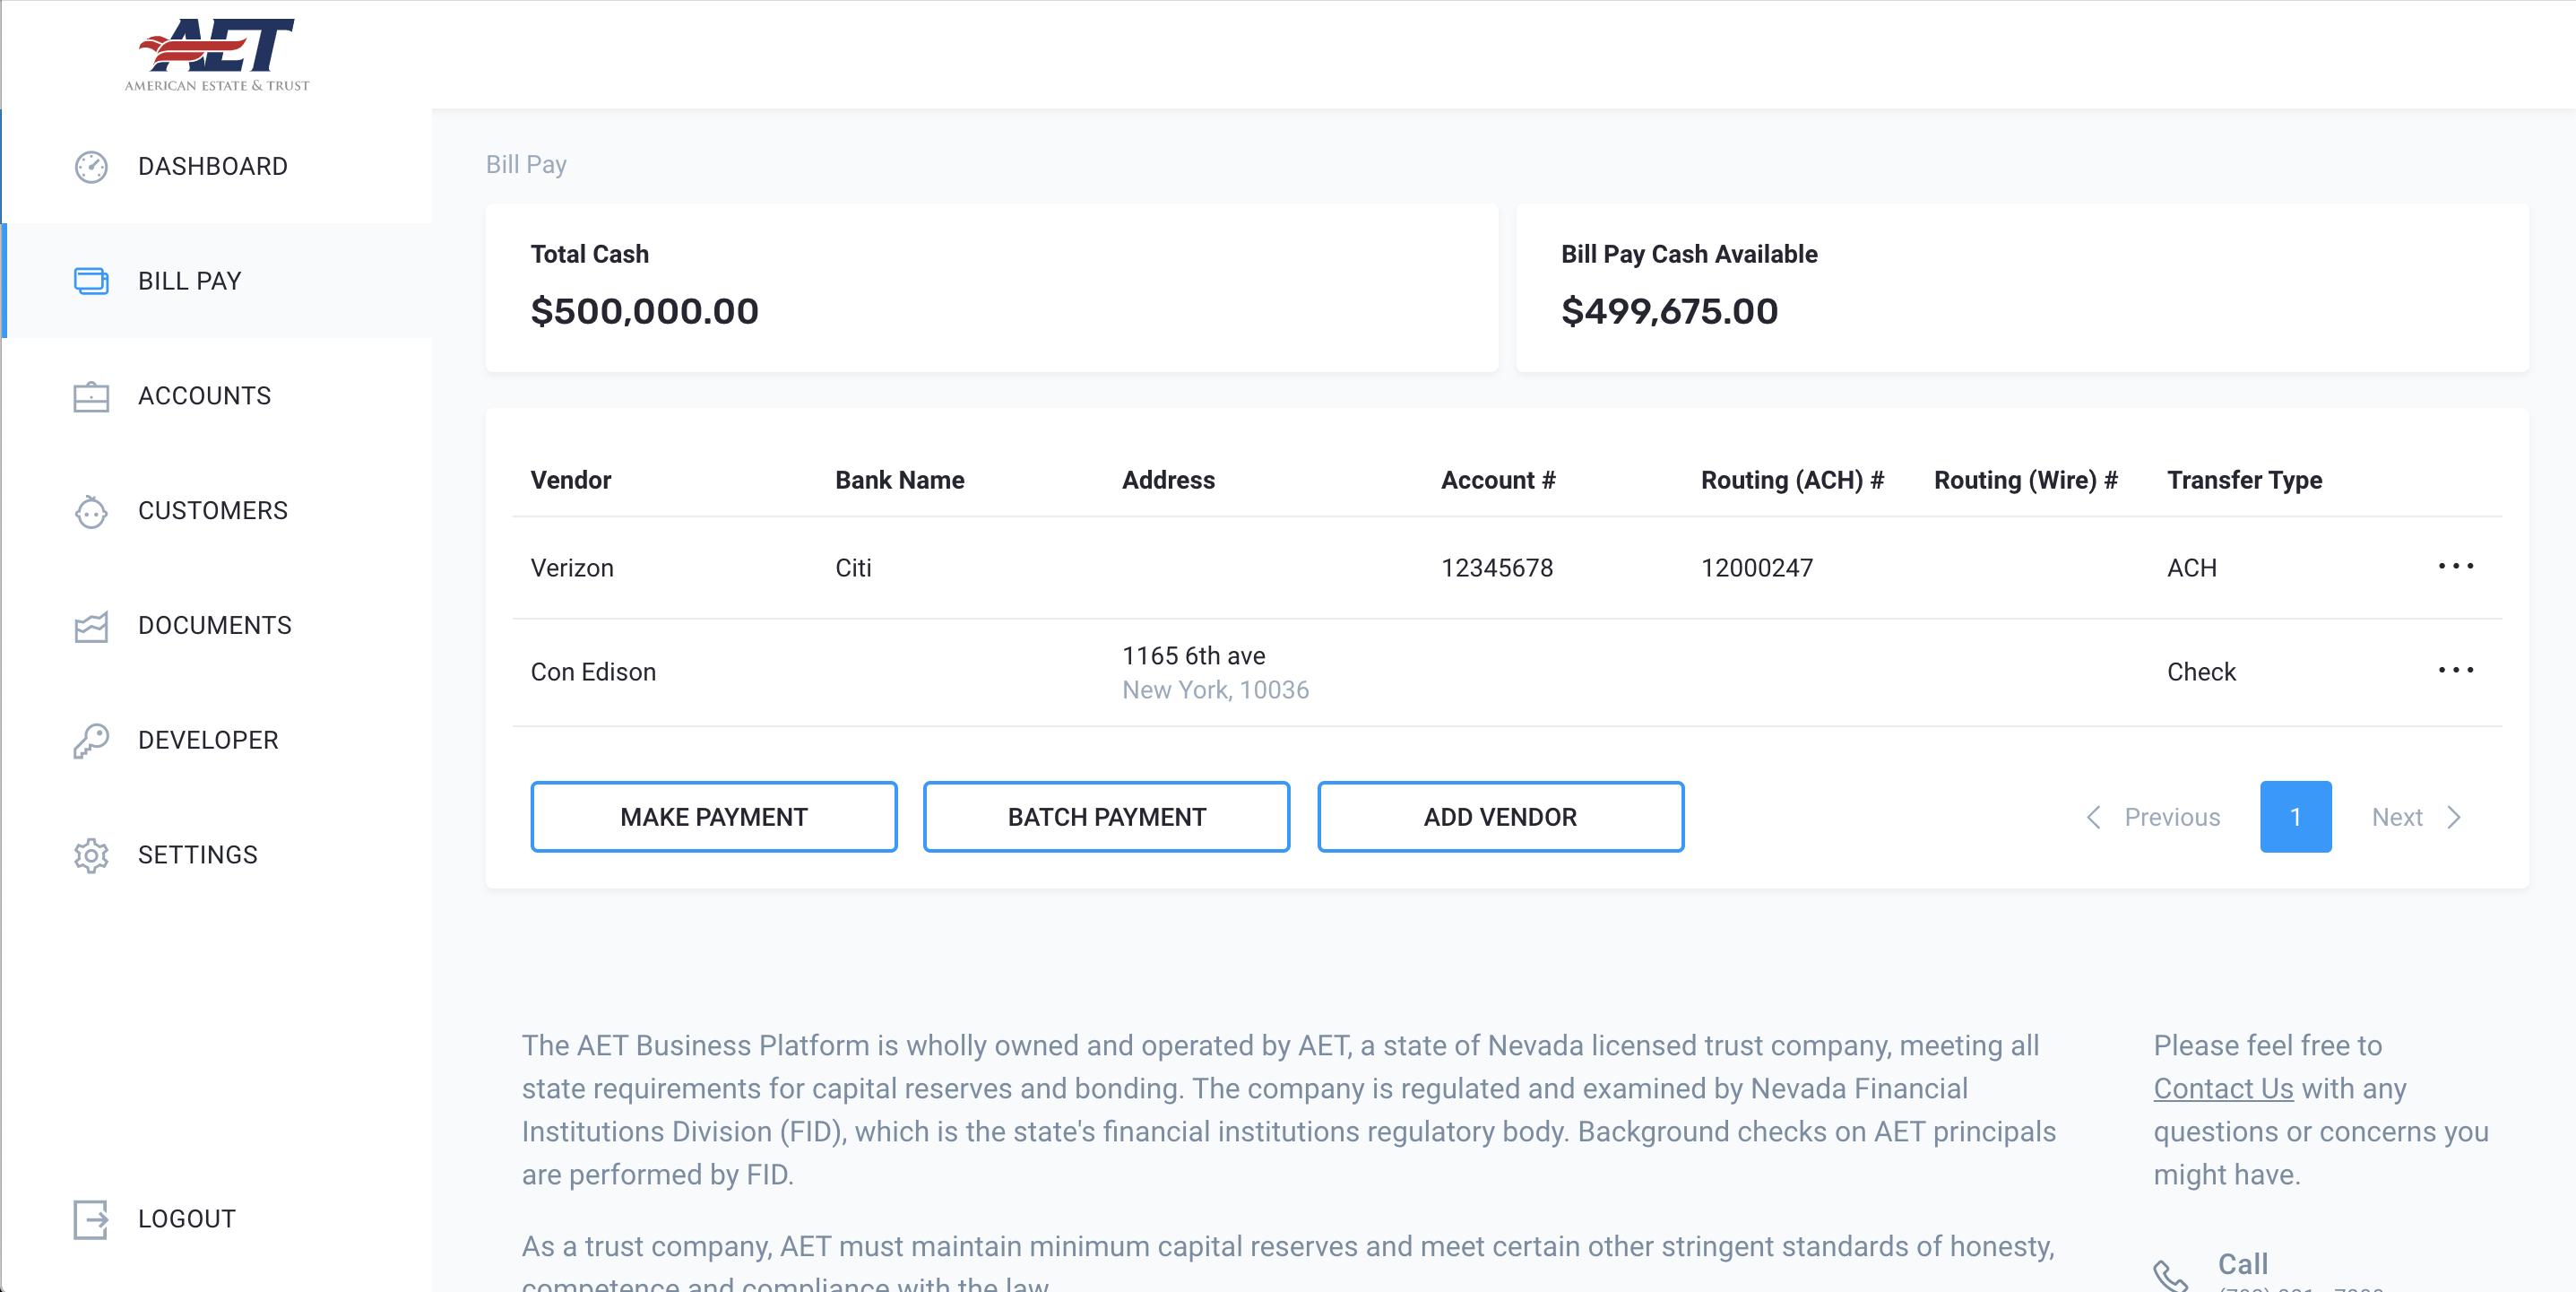 platform screenshot of billpay